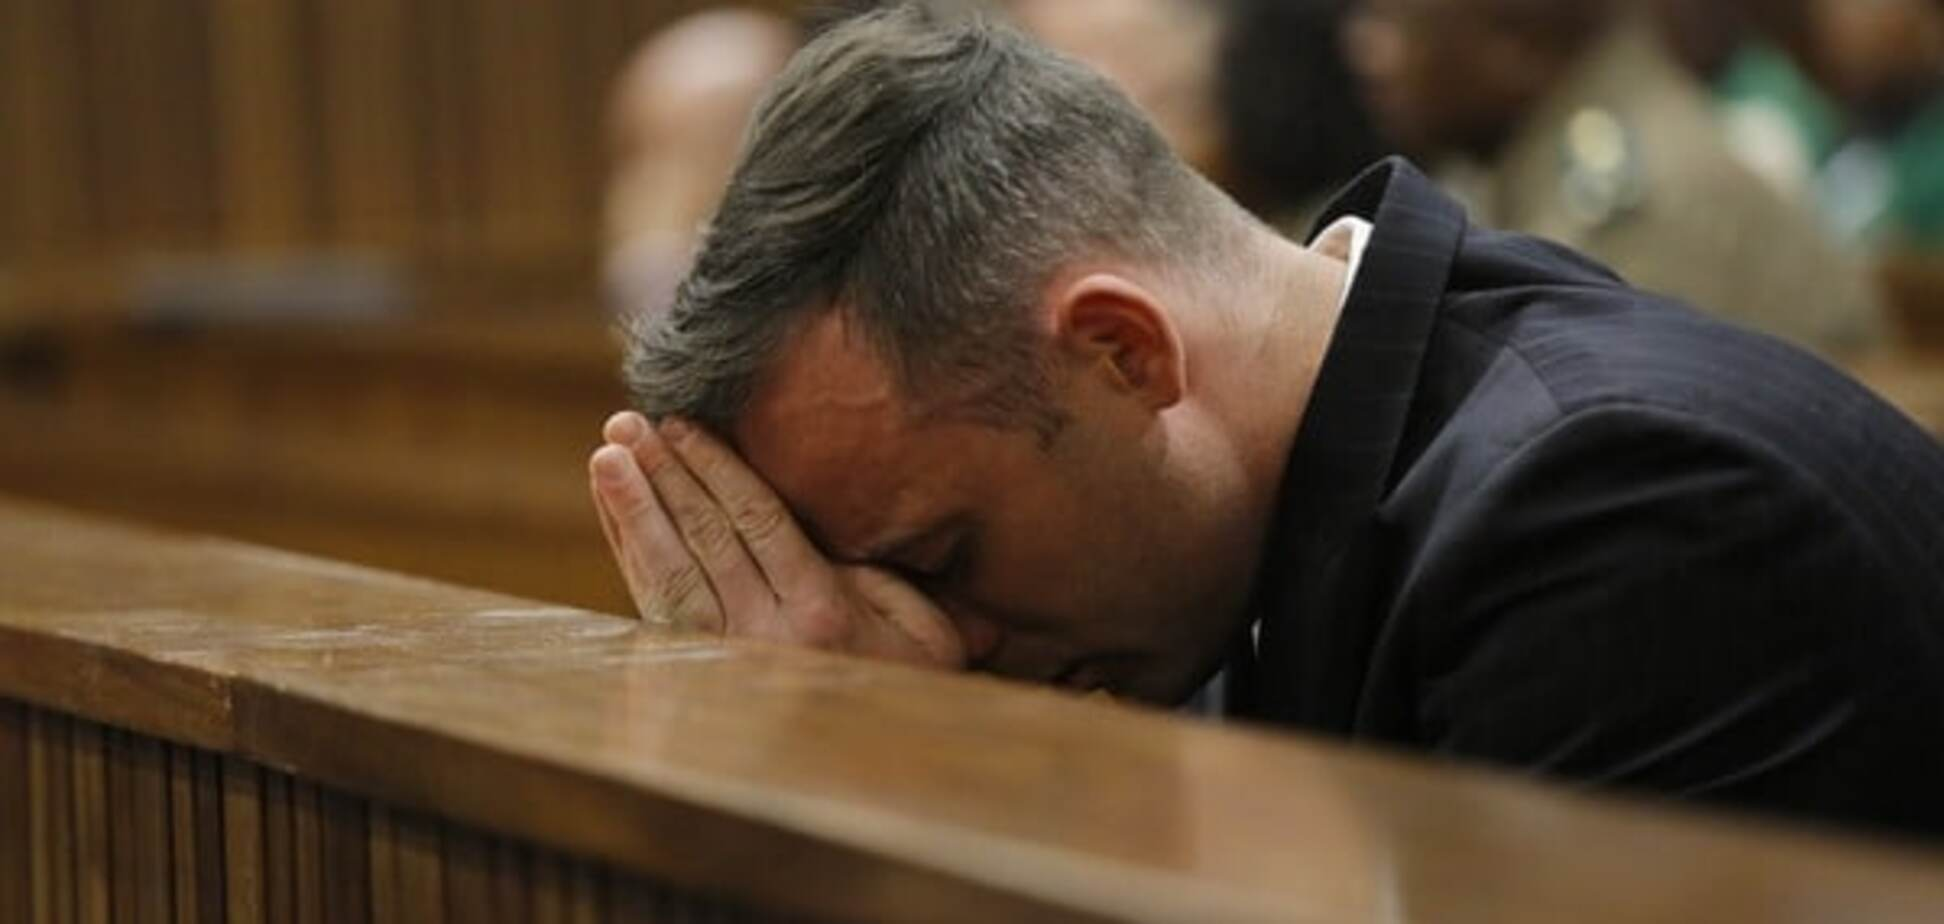 Скандальный паралимпиец Писториус получил новый тюремный срок за убийство подруги